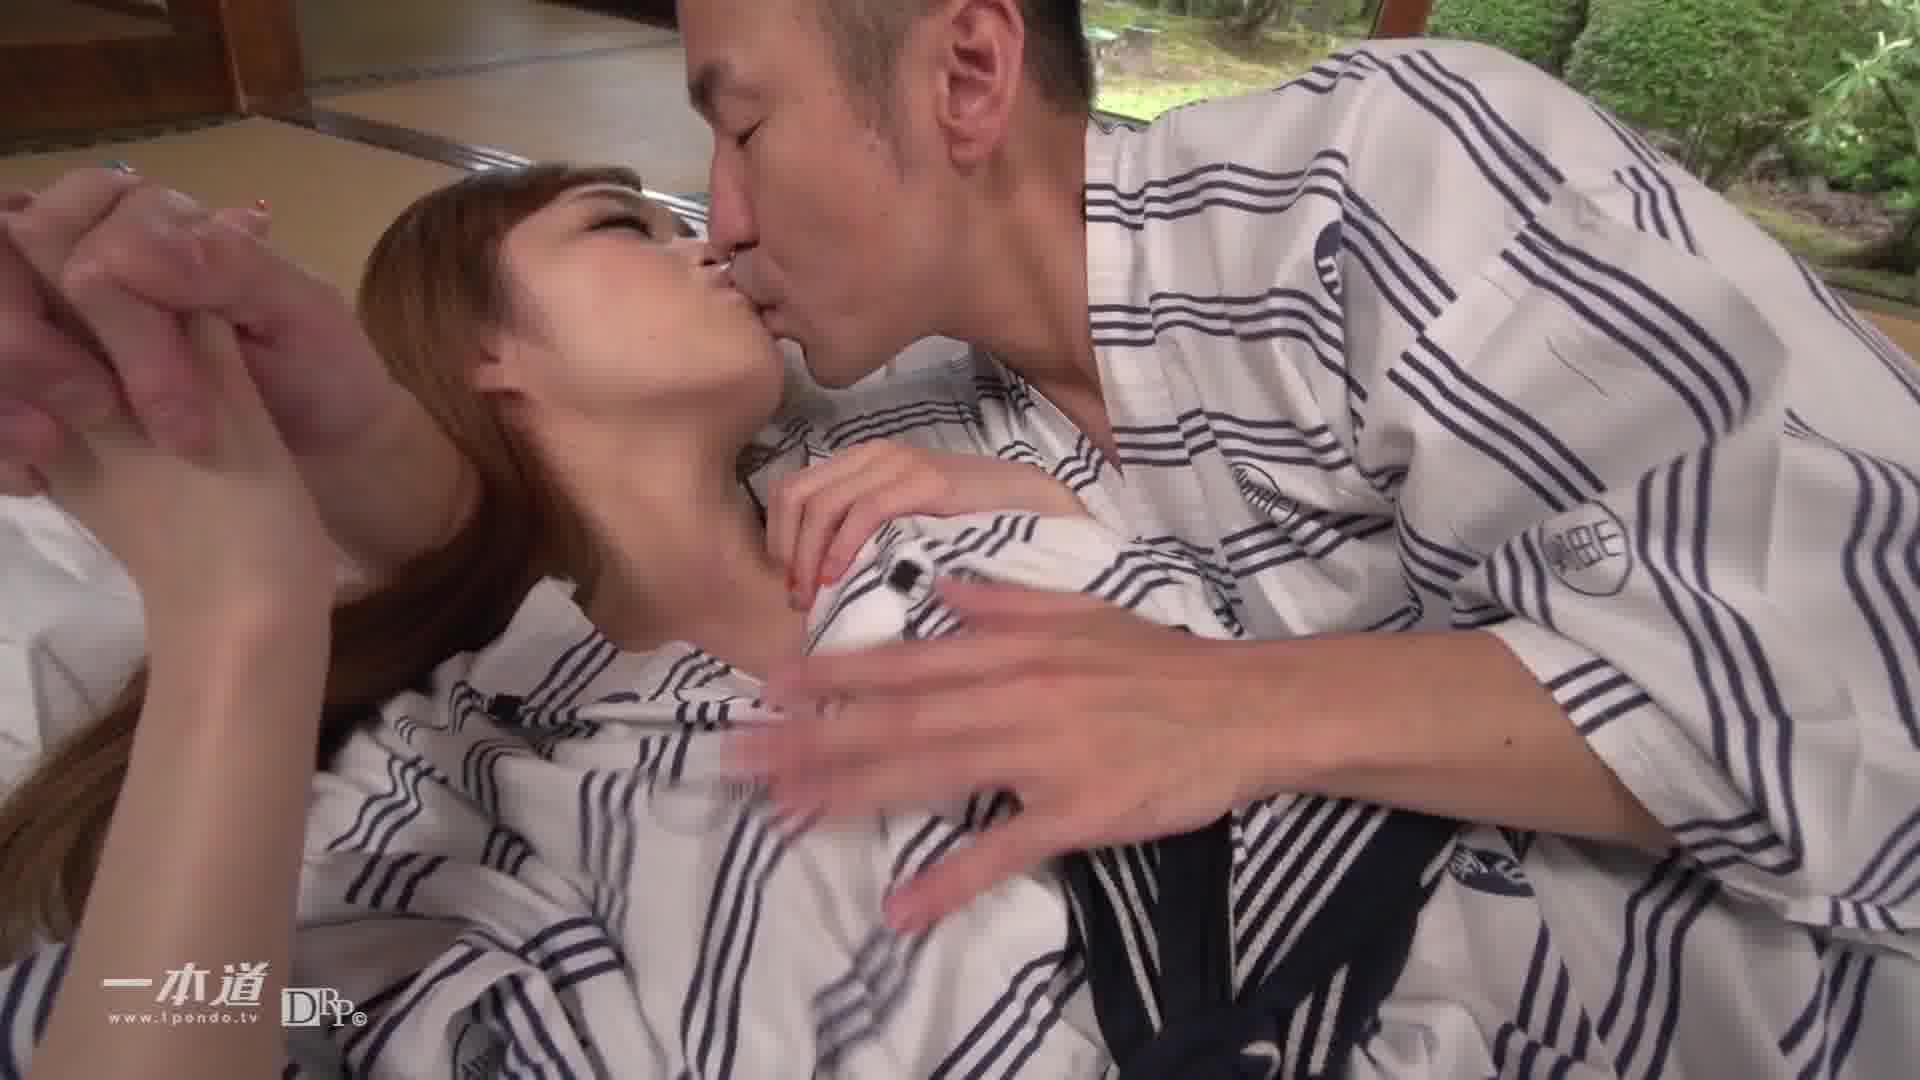 サマーヌード 浴衣でしっぽりズッポリSEX - 椎名みくる【巨乳・浴衣・スレンダー】